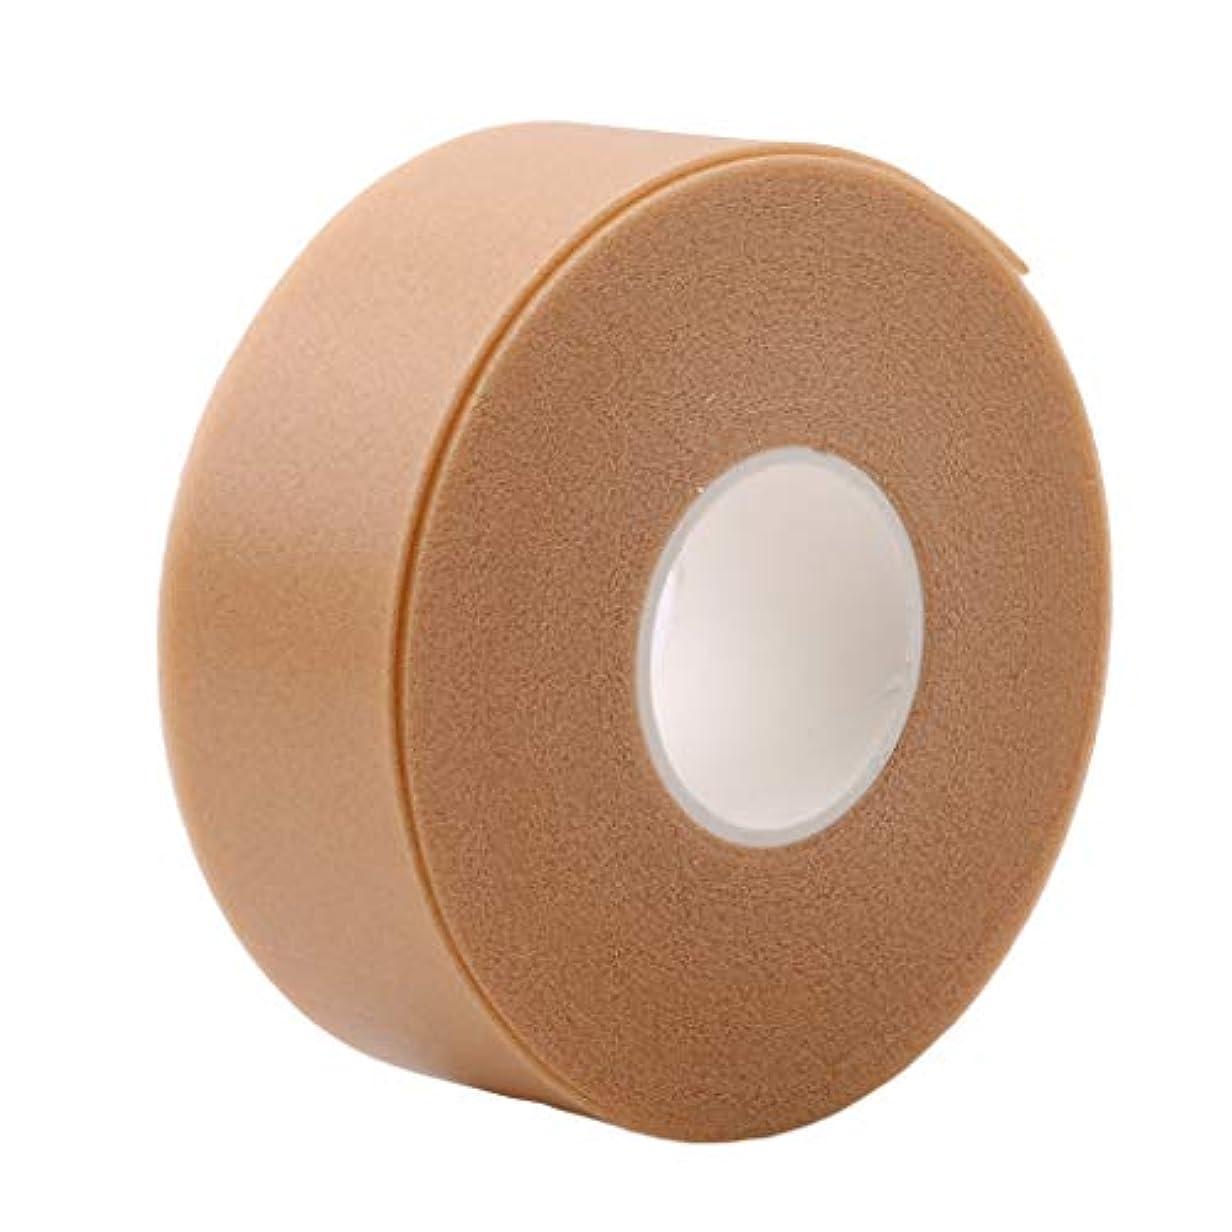 トリッキー部分的にセラフGOMYIE かかとテープかかとクランププロテクター応急処置テープステッカーボリュームバッファー保護テープ男性と女性の傷を防ぐため(色)